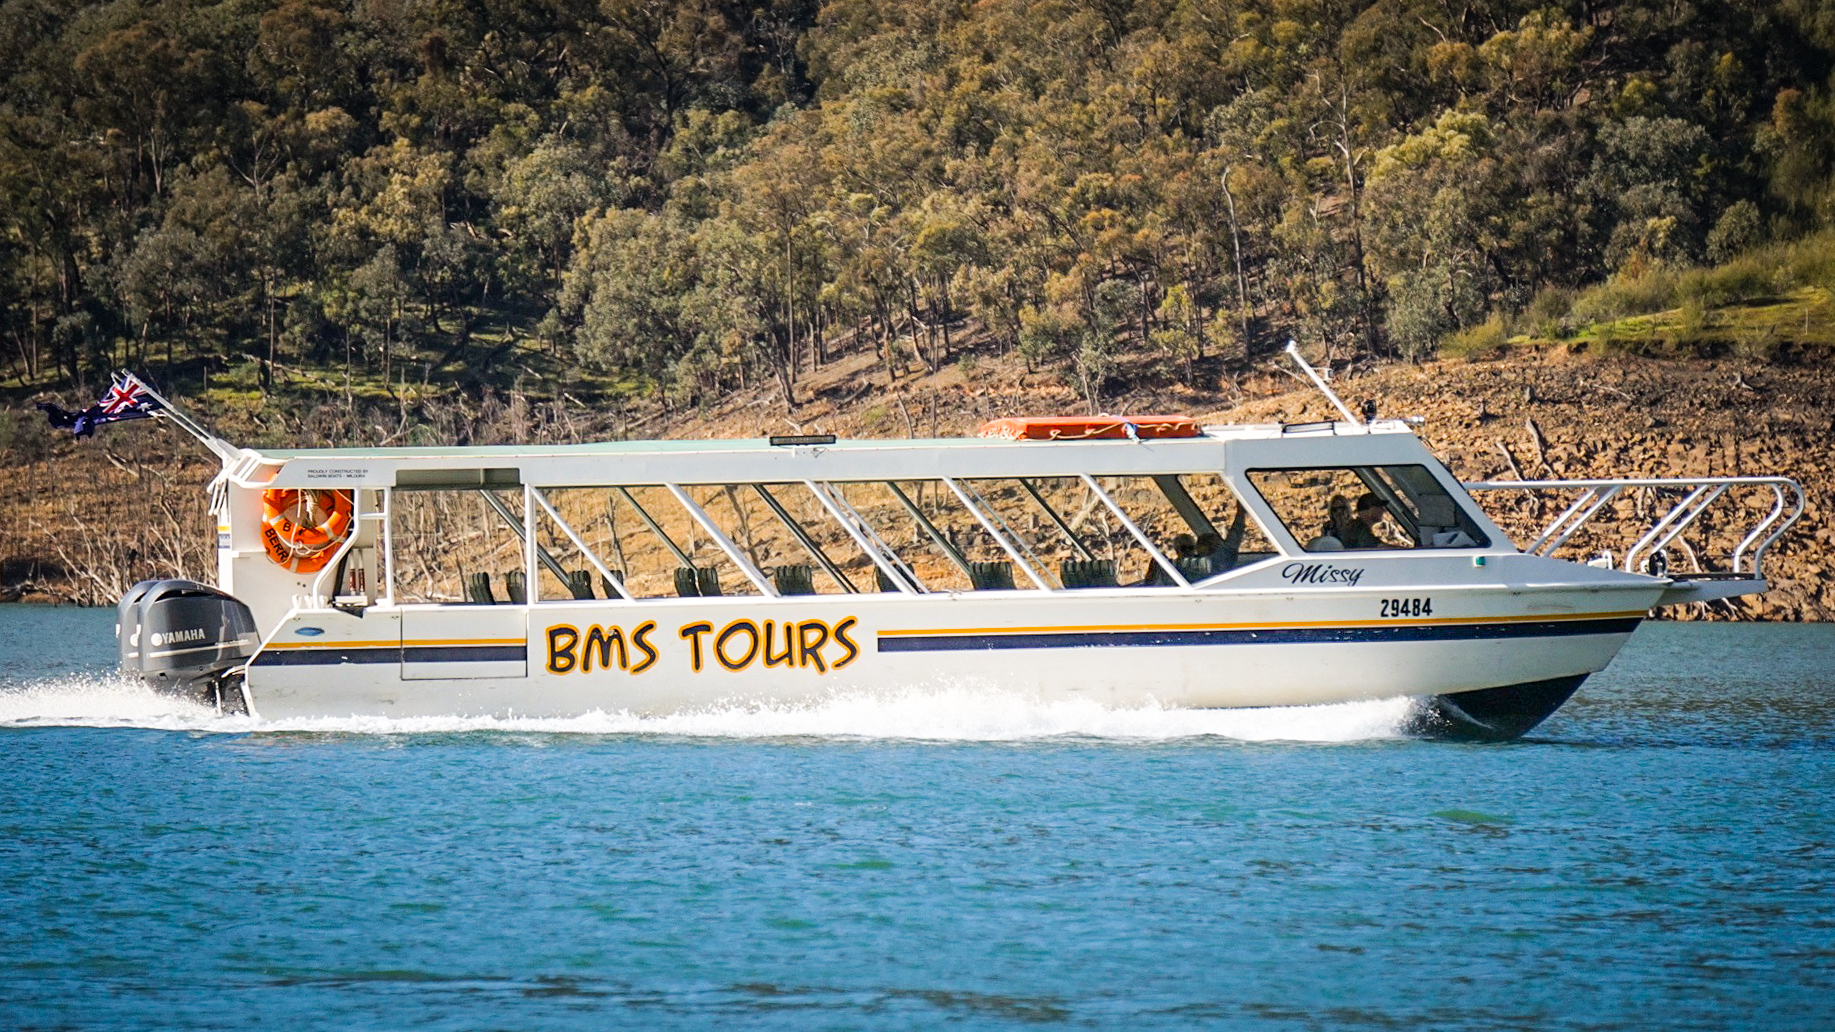 Missy -Tour boat BMS Tours